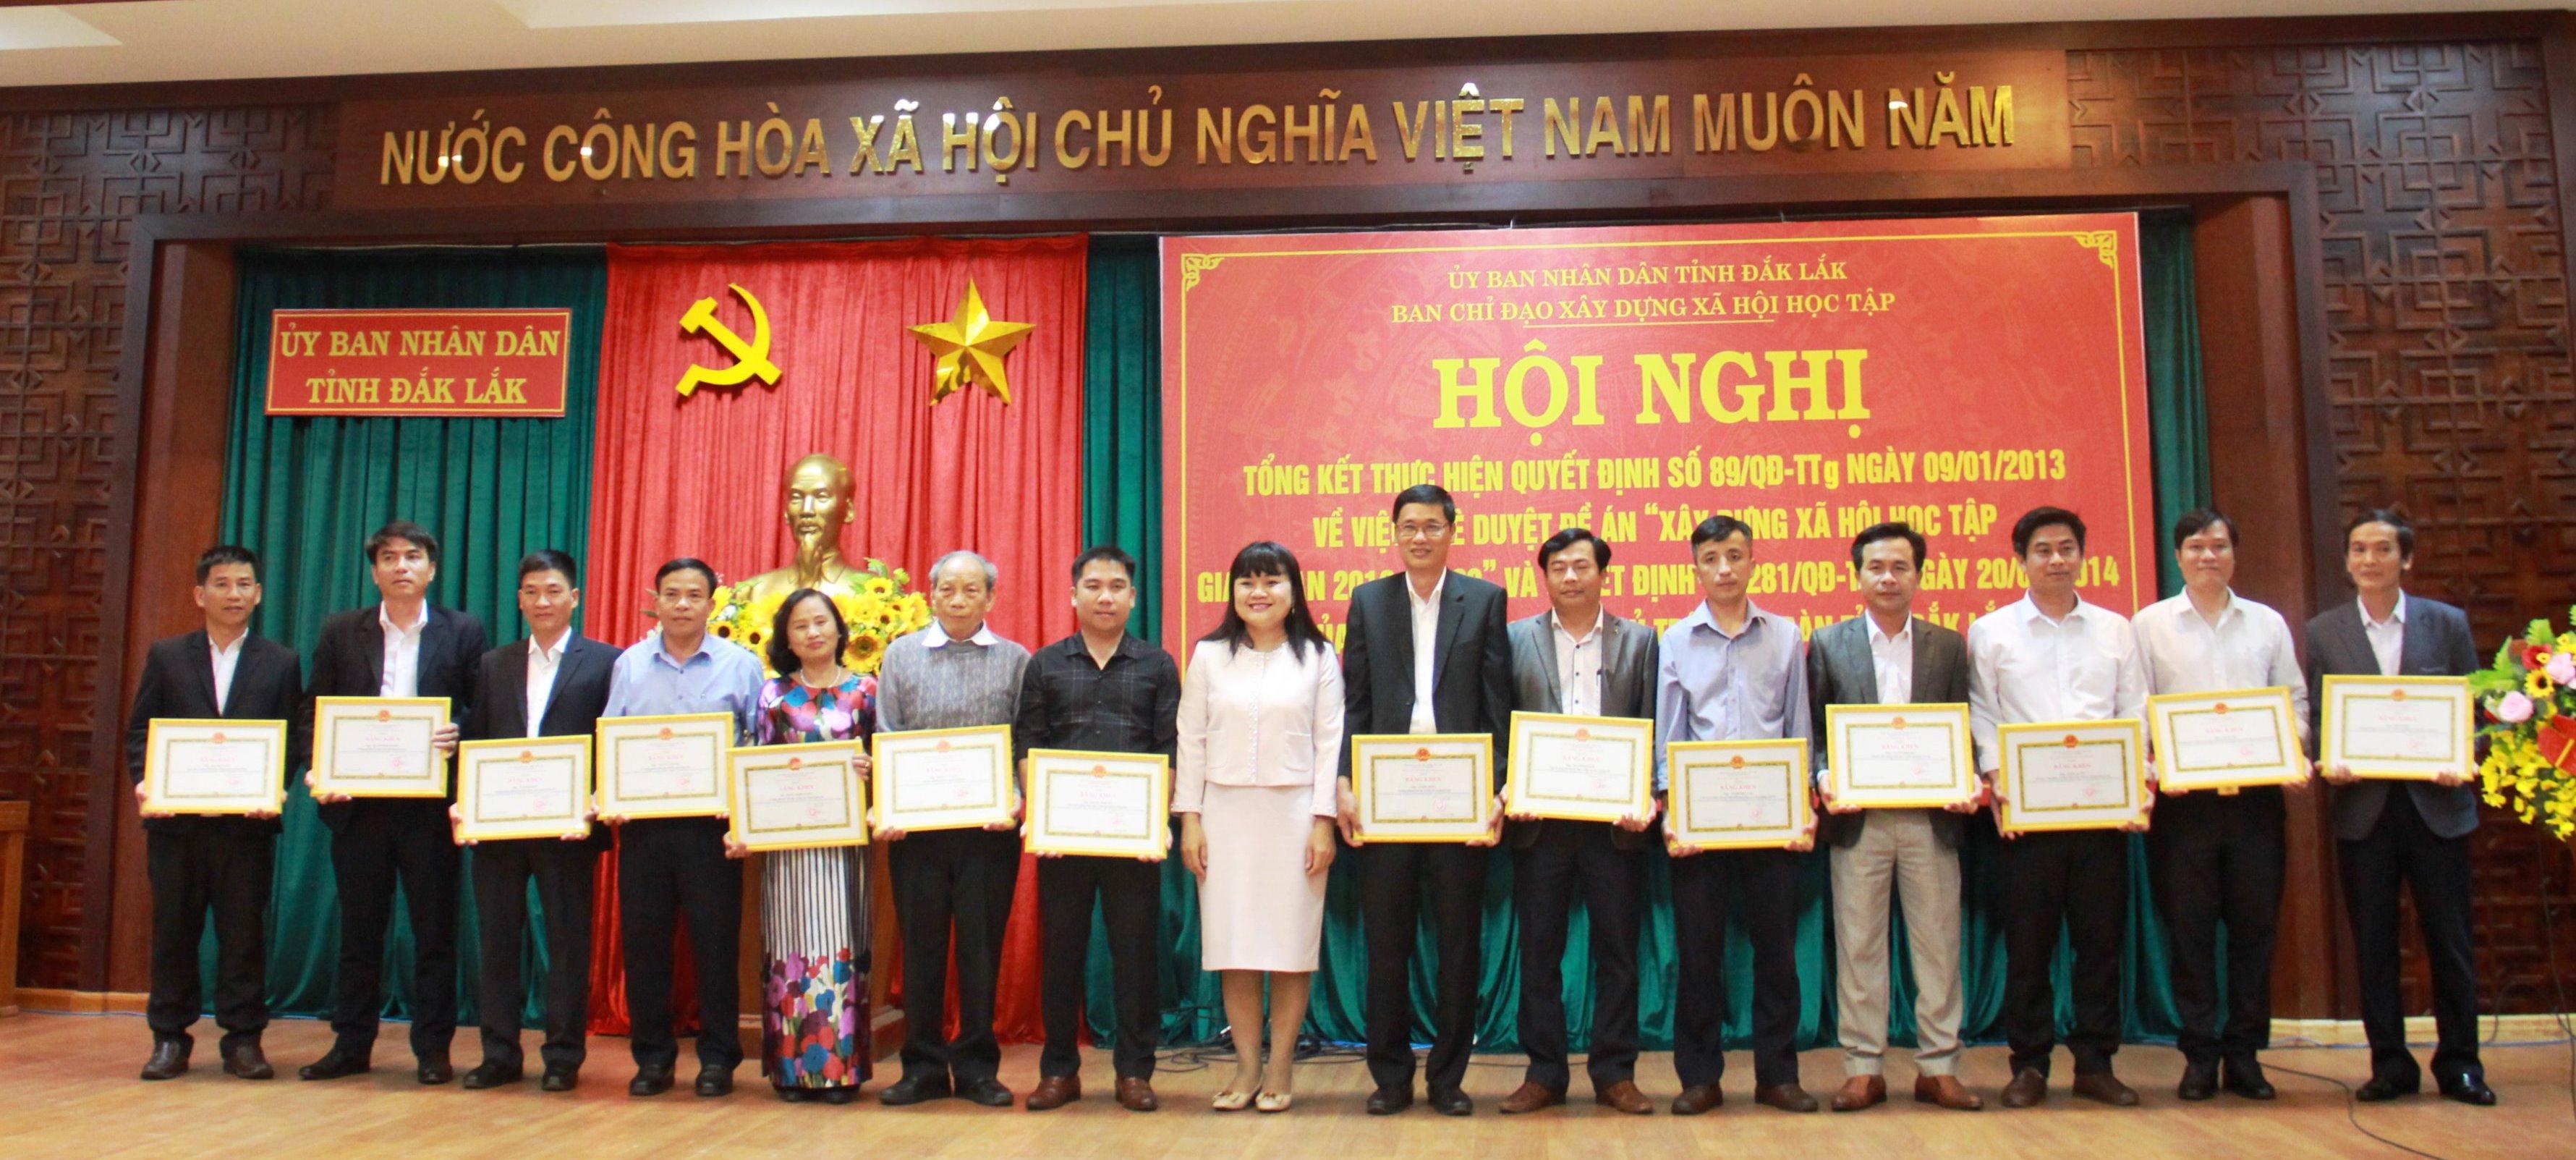 Đắk Lắk tổng kết Đề án Xây dựng xã hội học tập giai đoạn 2012-2020